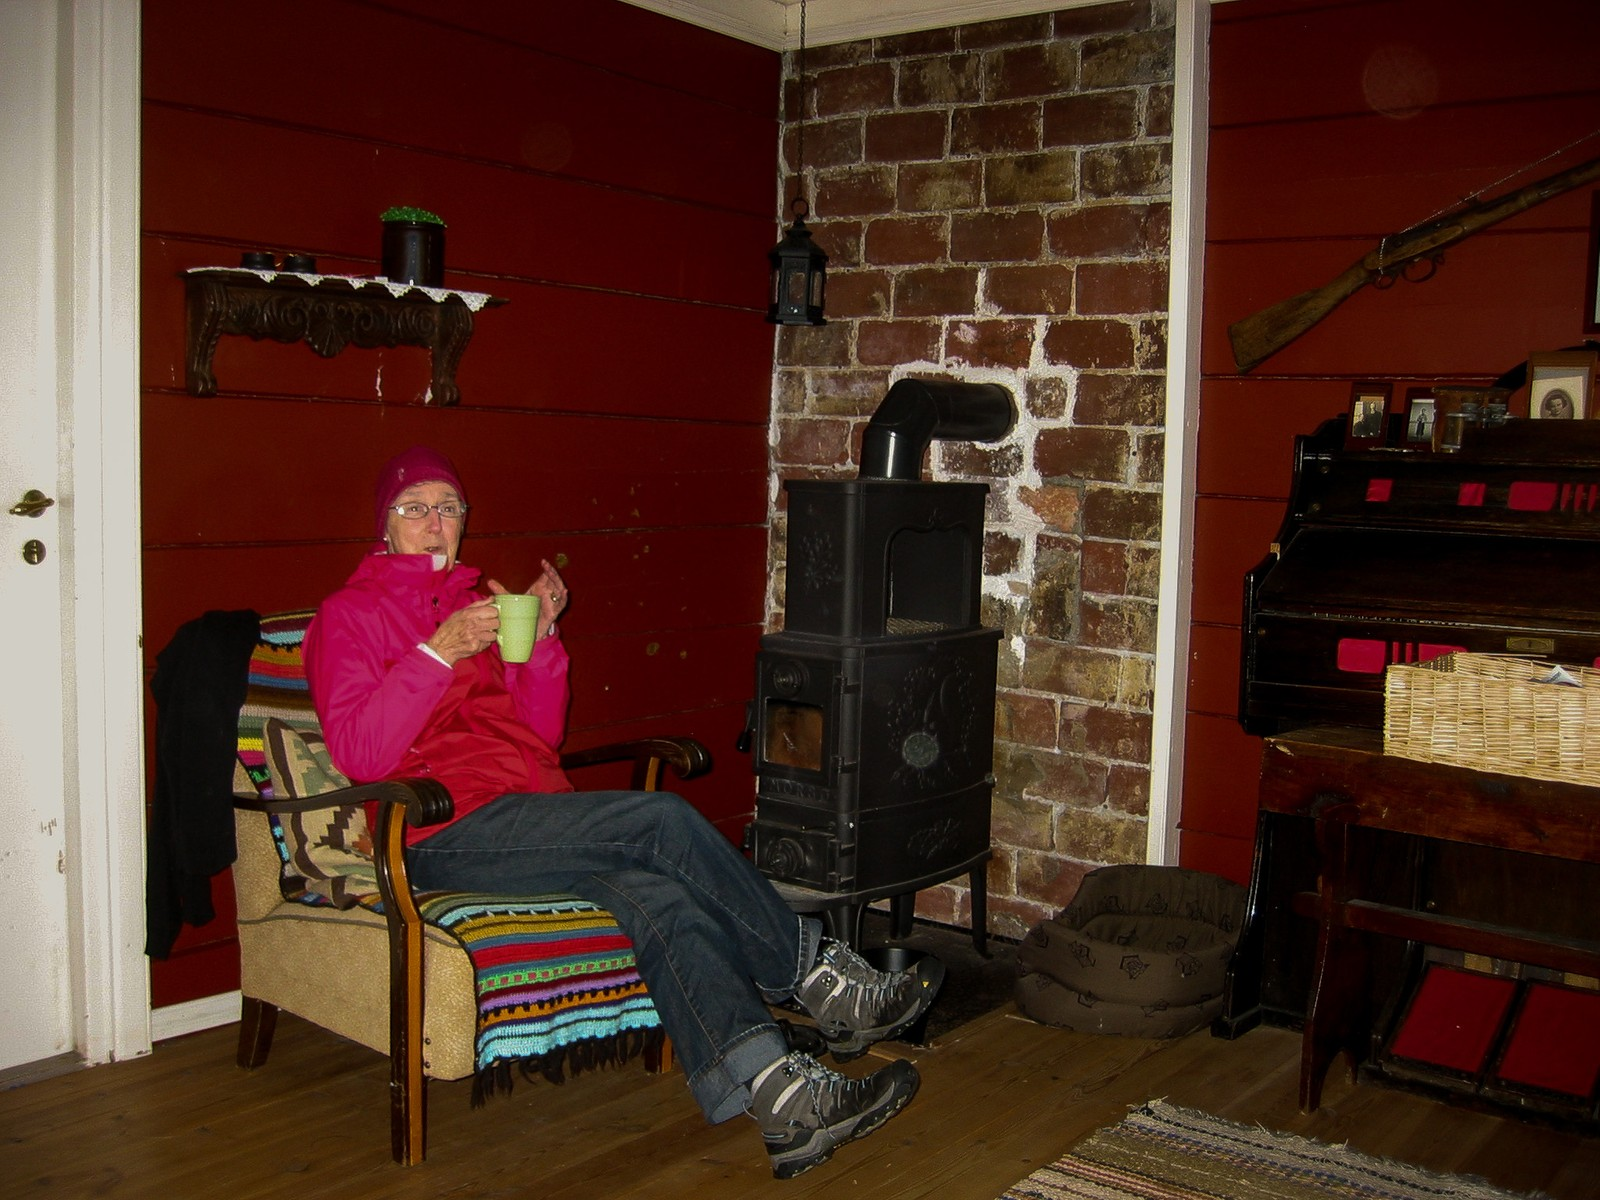 Lizet varmar seg ved omnen i stova til Severin.